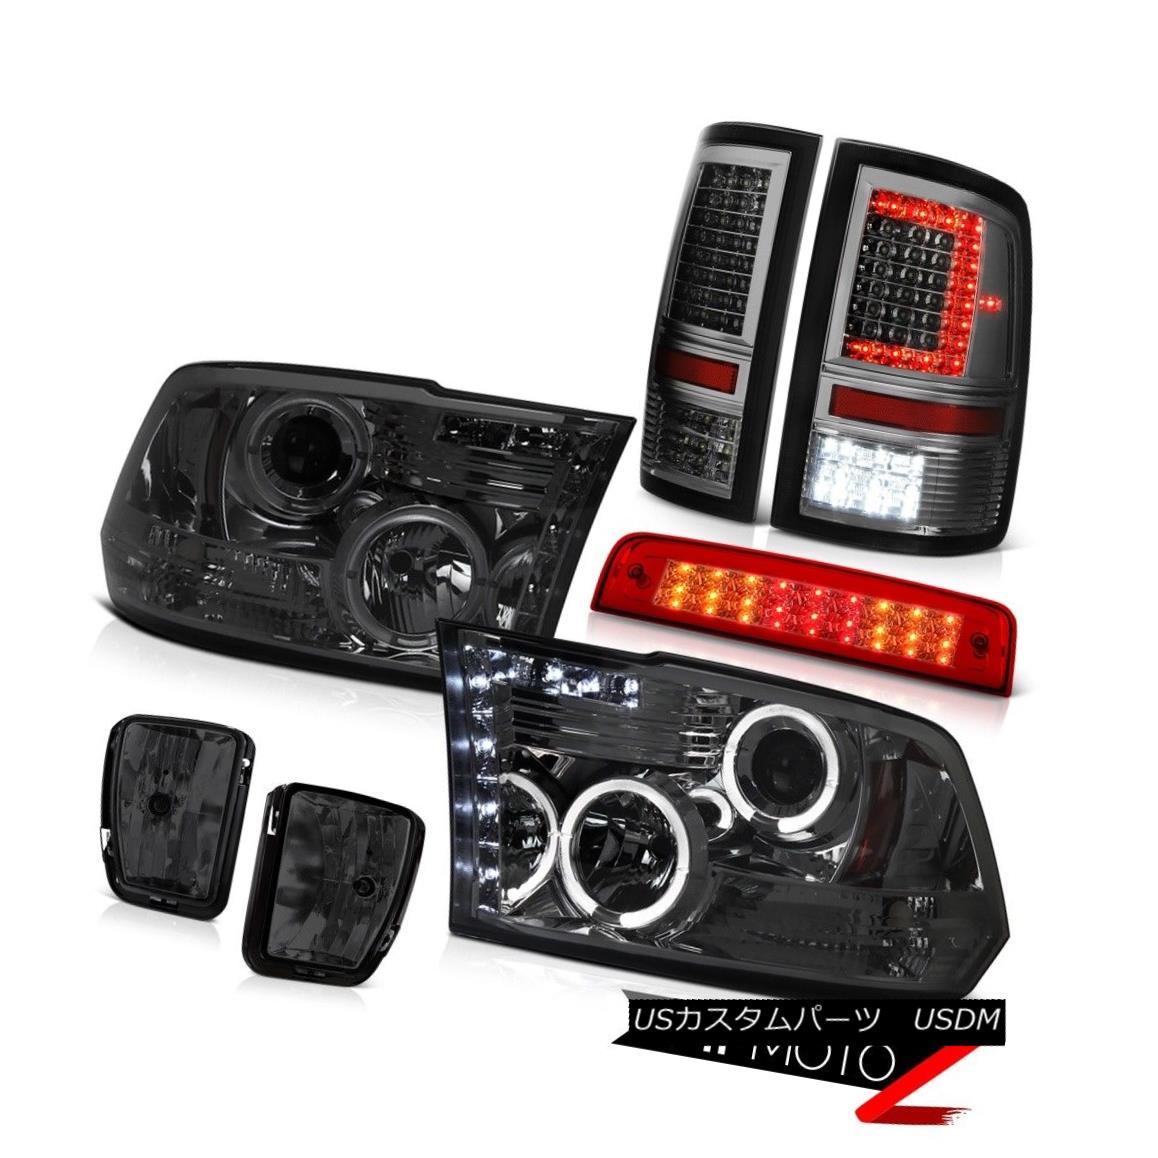 テールライト 13-18 Dodge RAM 1500 Tail Light 3rd Brake Fog Lights Headlamp Replacement SET 13-18 Dodge RAM 1500テールライト3rdブレーキフォグライトヘッドランプ交換セット